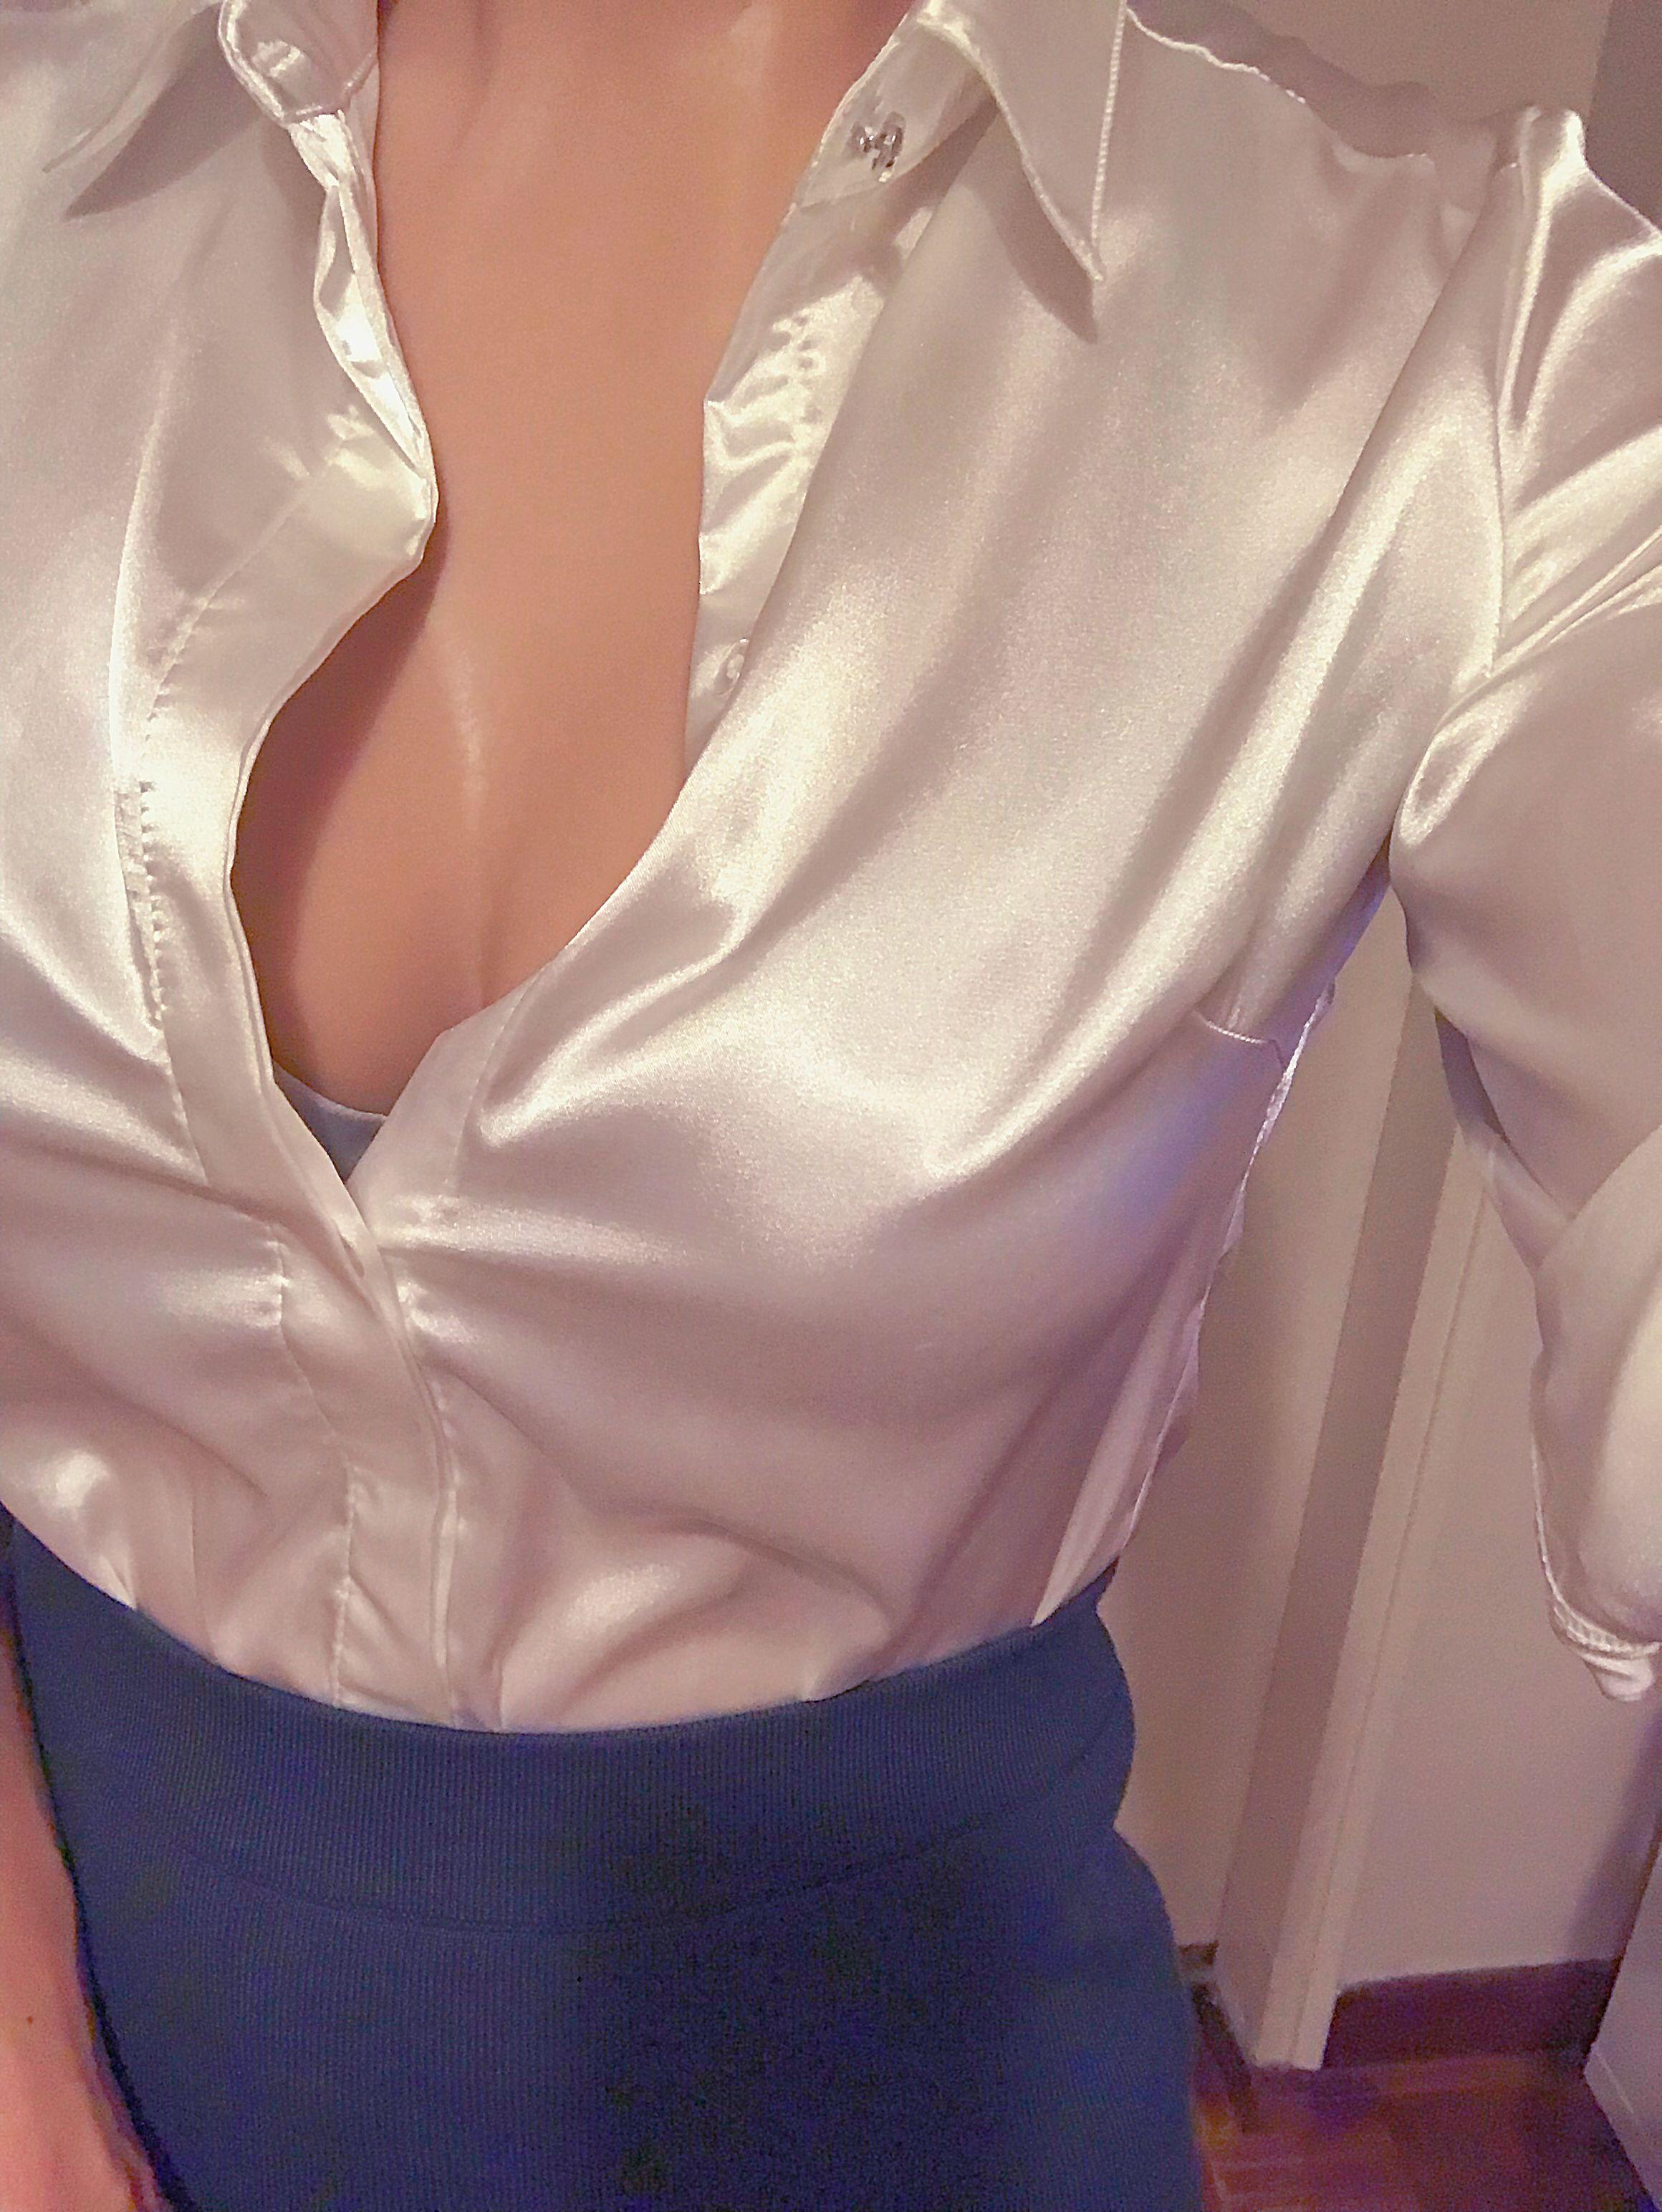 Самые красивая грудь под блузкой фото, огромные сексуальные попы видео